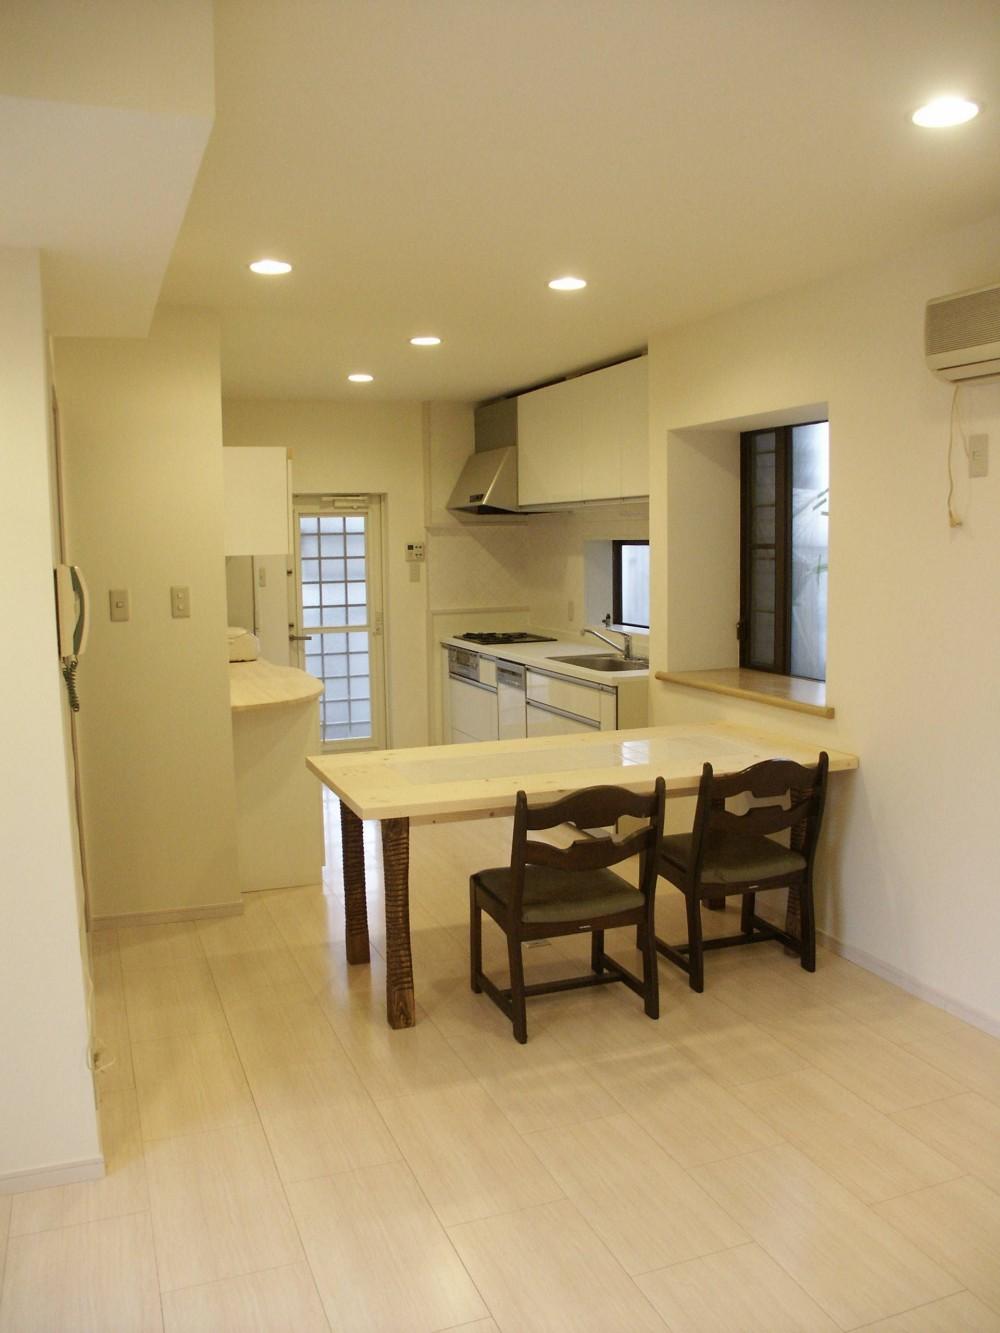 【吹田市】使い込んだ空間をリノベーションで快適空間に (キッチン&リビング)